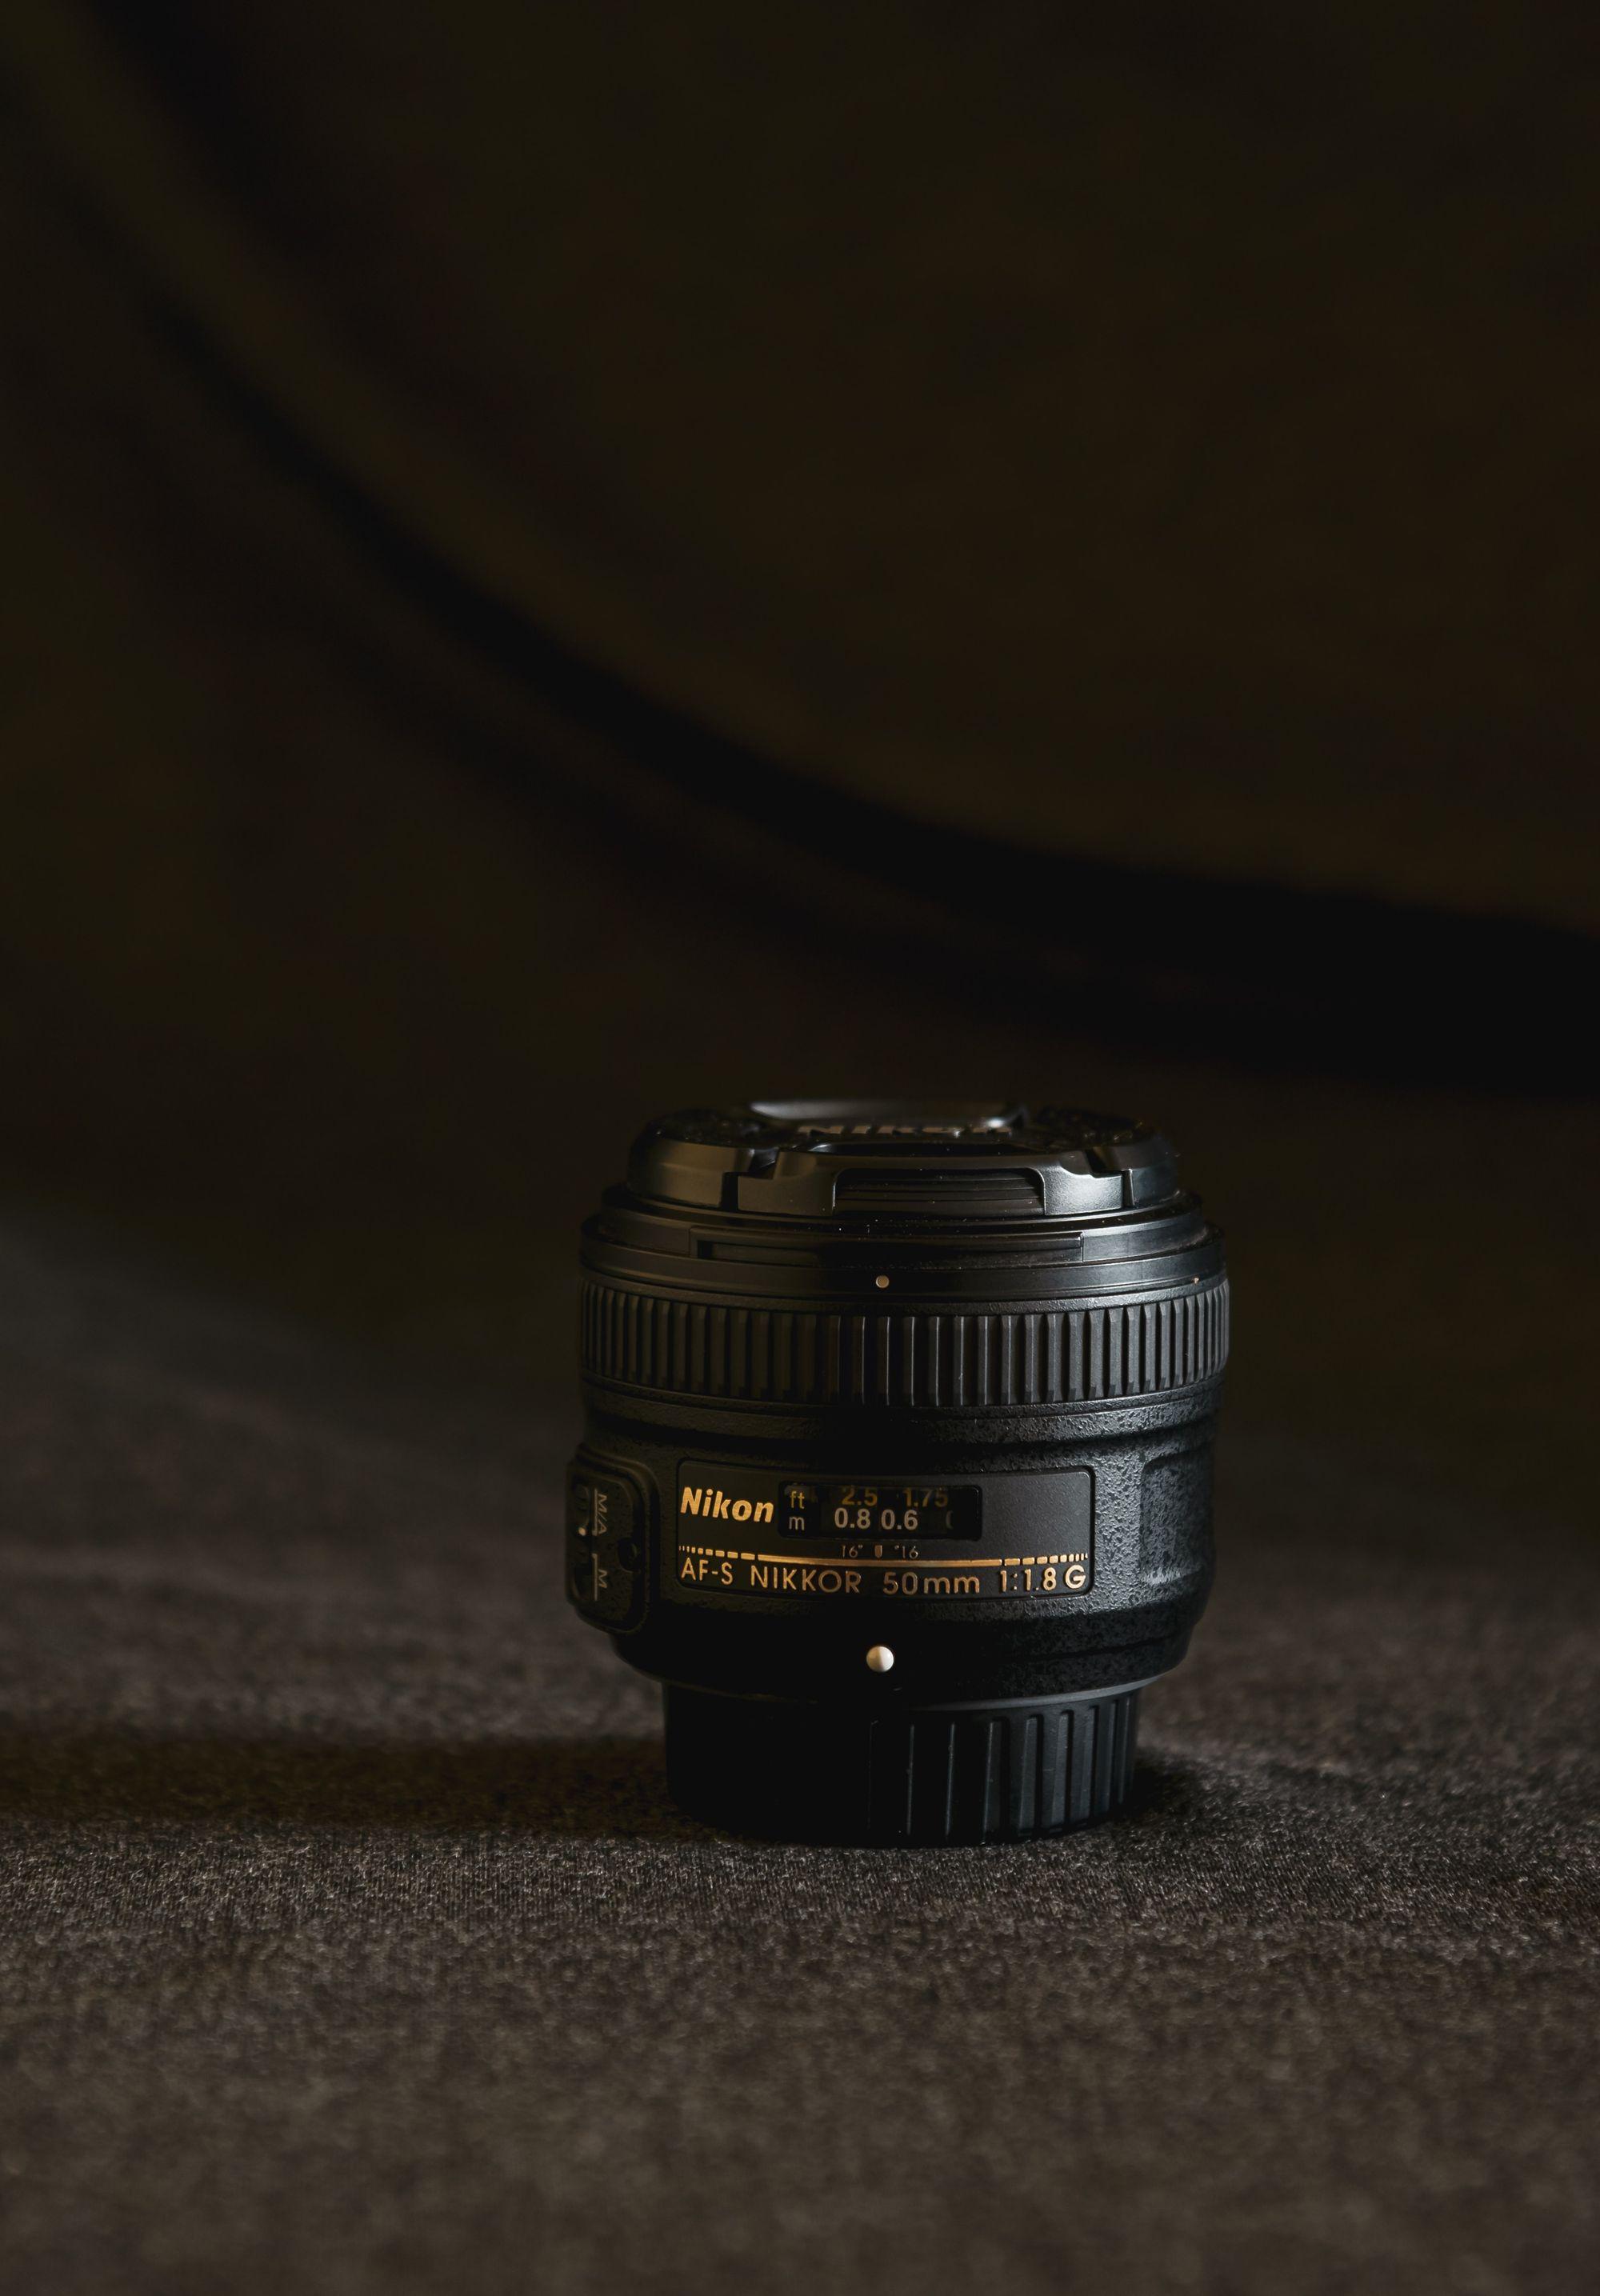 Best lens for landscape the Nikon AF-S Nikkor 50mm